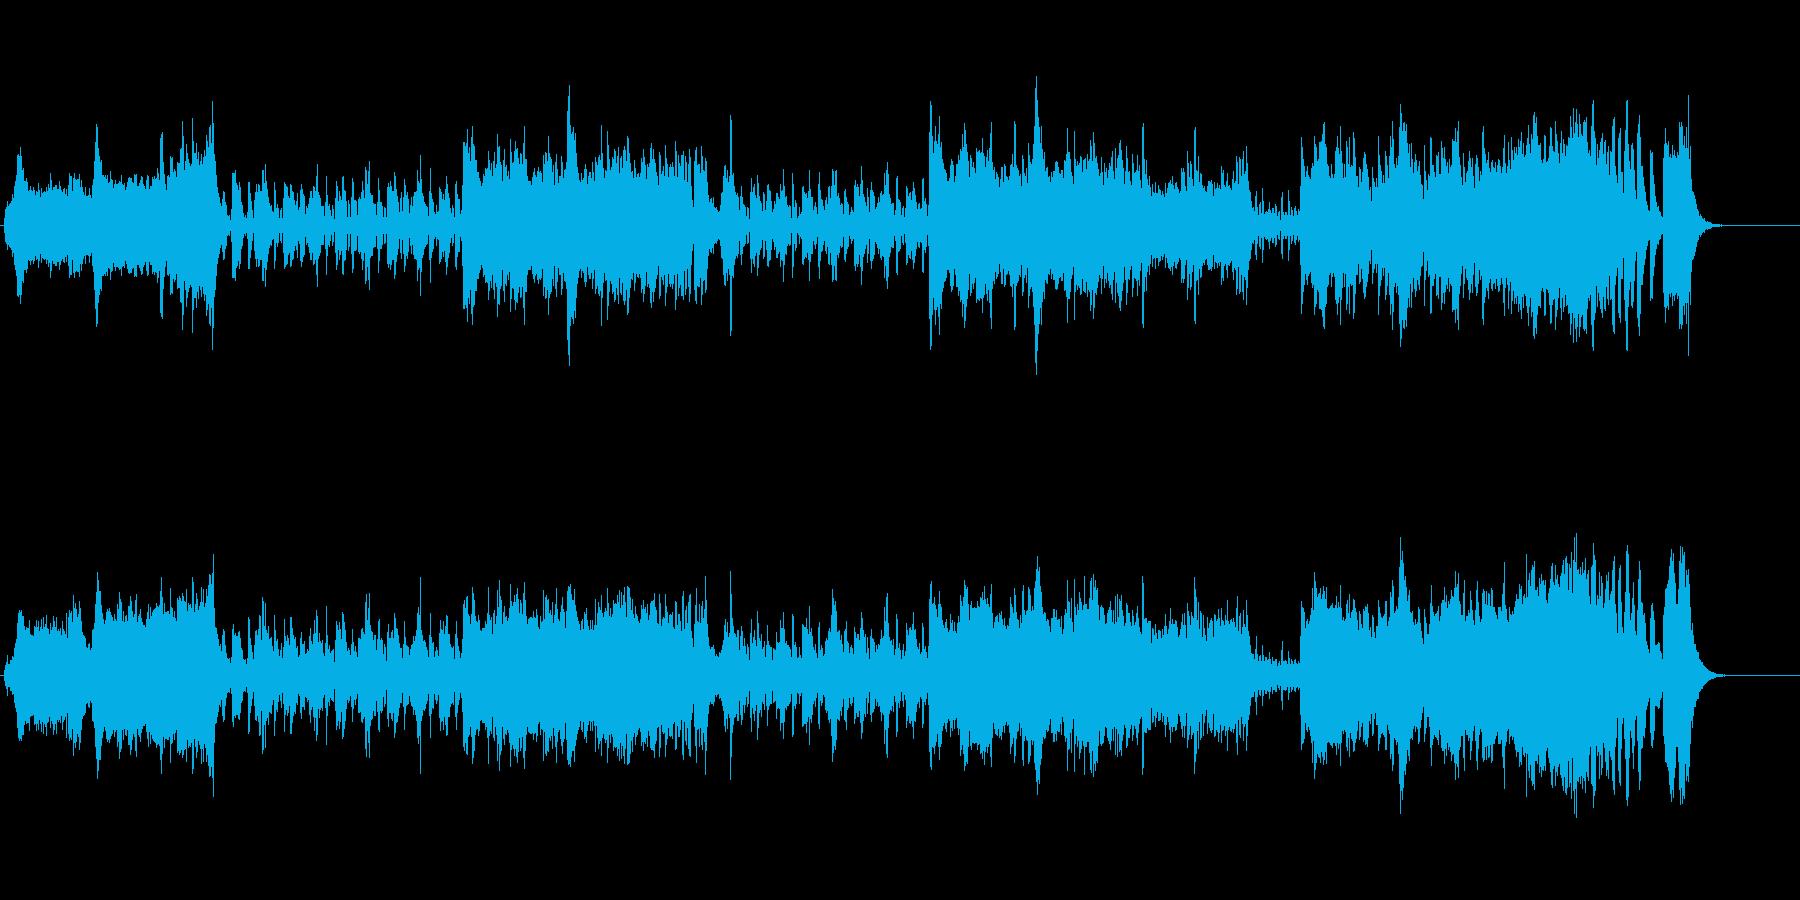 スケールの大きいオーケストラ・サウンドの再生済みの波形